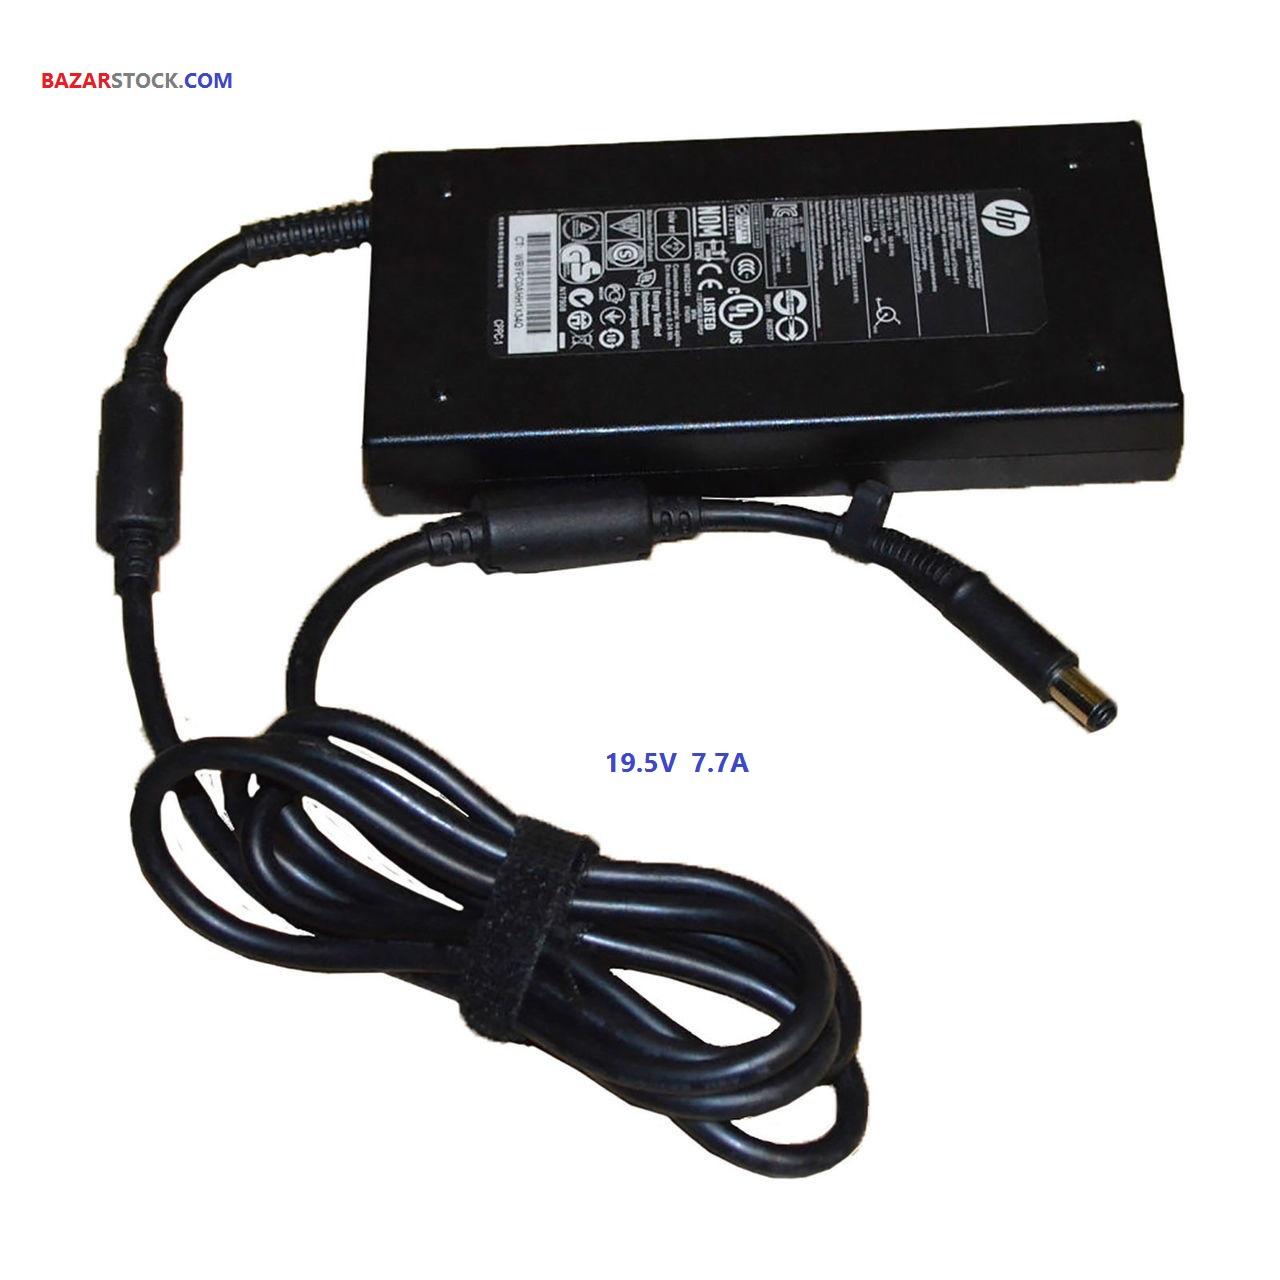 شارژر لپ تاپ اچ پی HP ADAPTER  150W 19.5V 7.7A